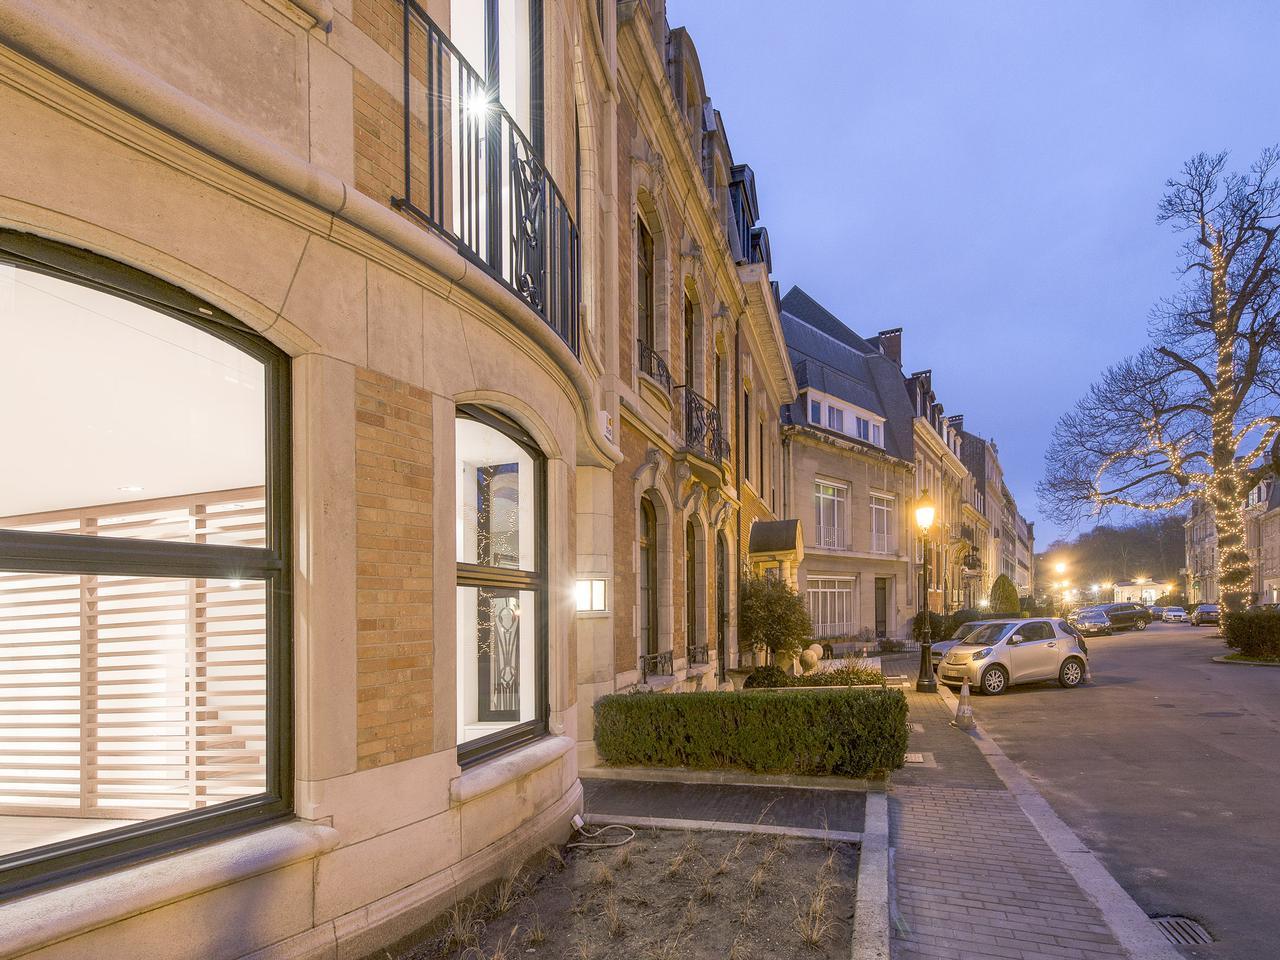 Anderer Wohnungstyp für Verkauf beim Ixelles I Square du Bois Ixelles, Brussels, 1000 Belgien